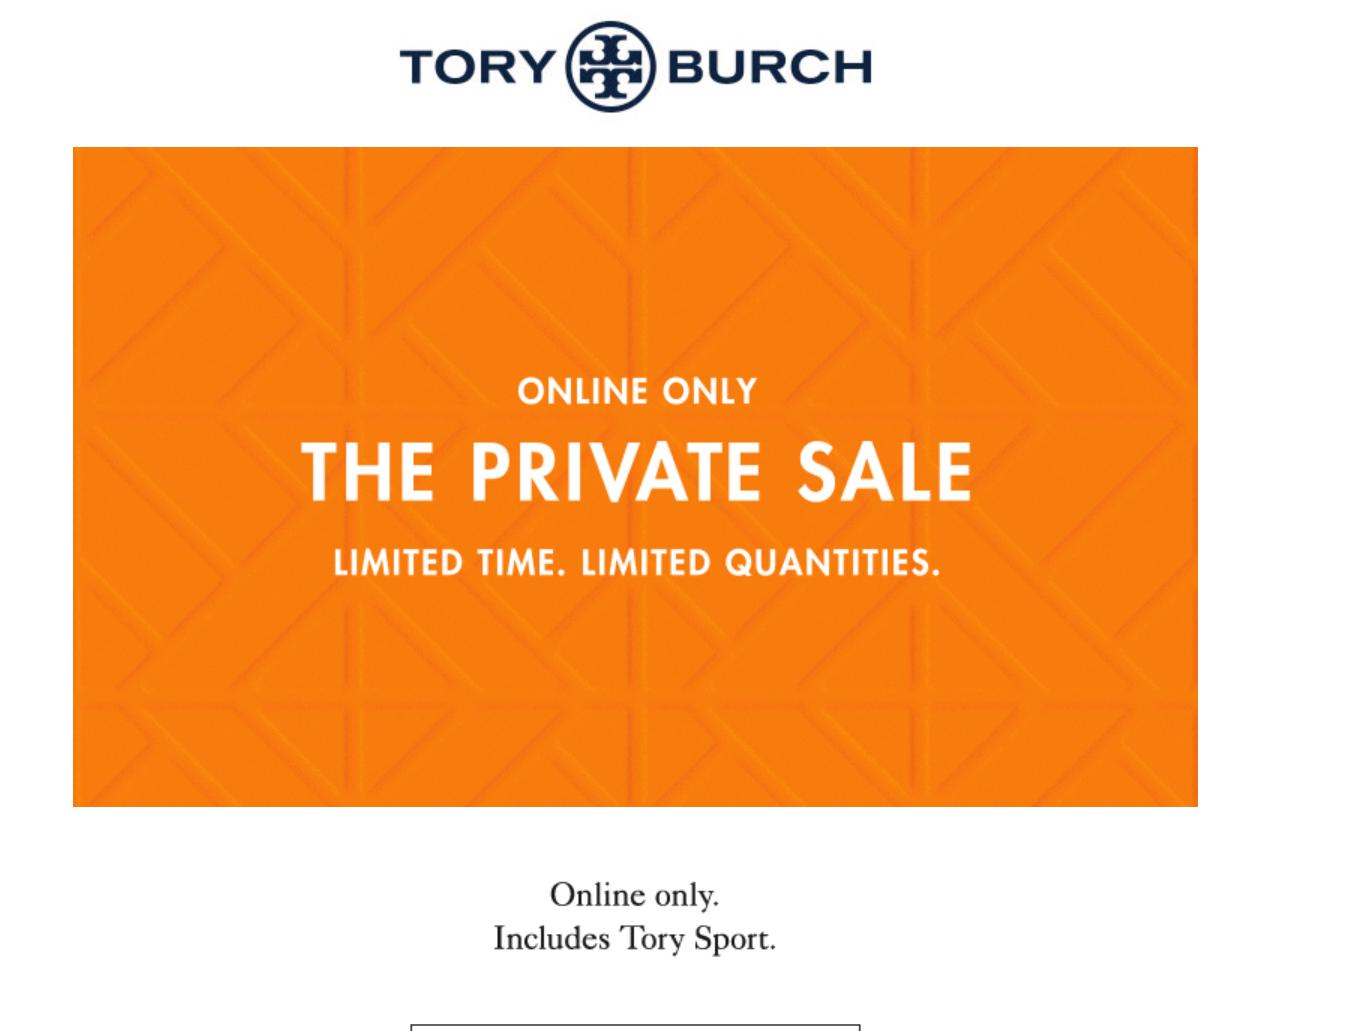 78f774e0bd3f Tory Burch Private Sale - Slickdeals.net